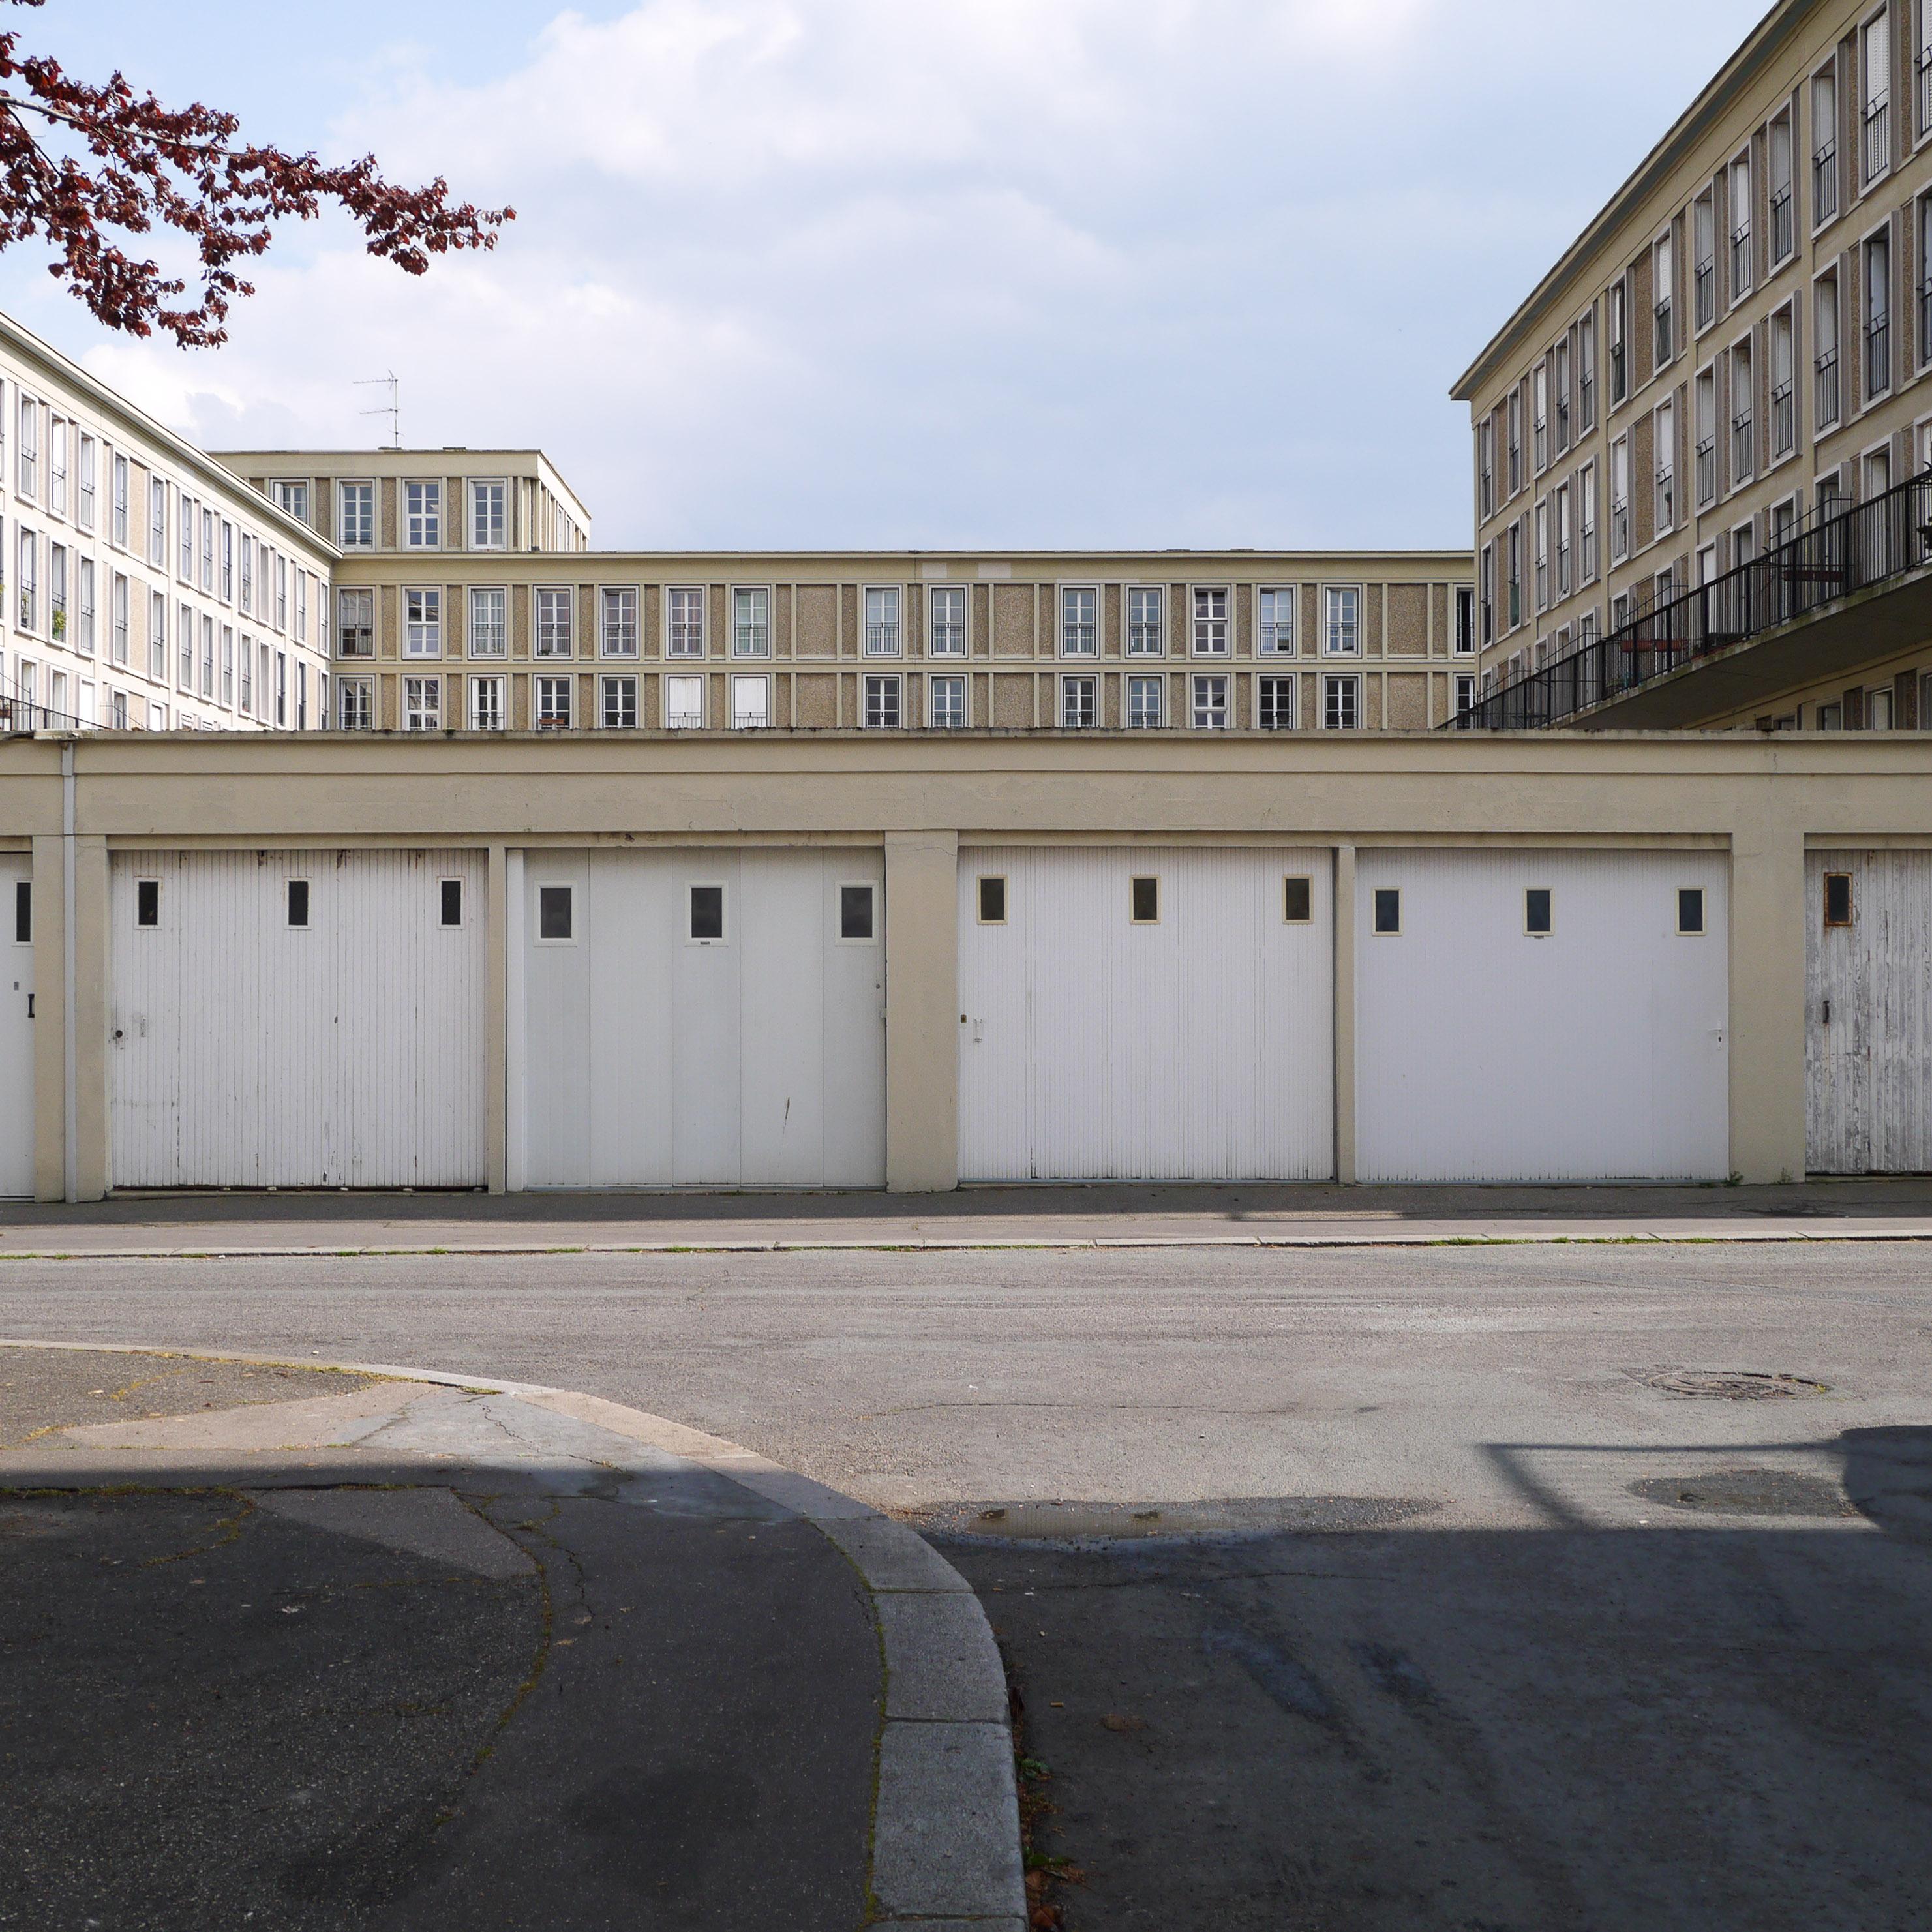 Le_Havre (58 sur 83)